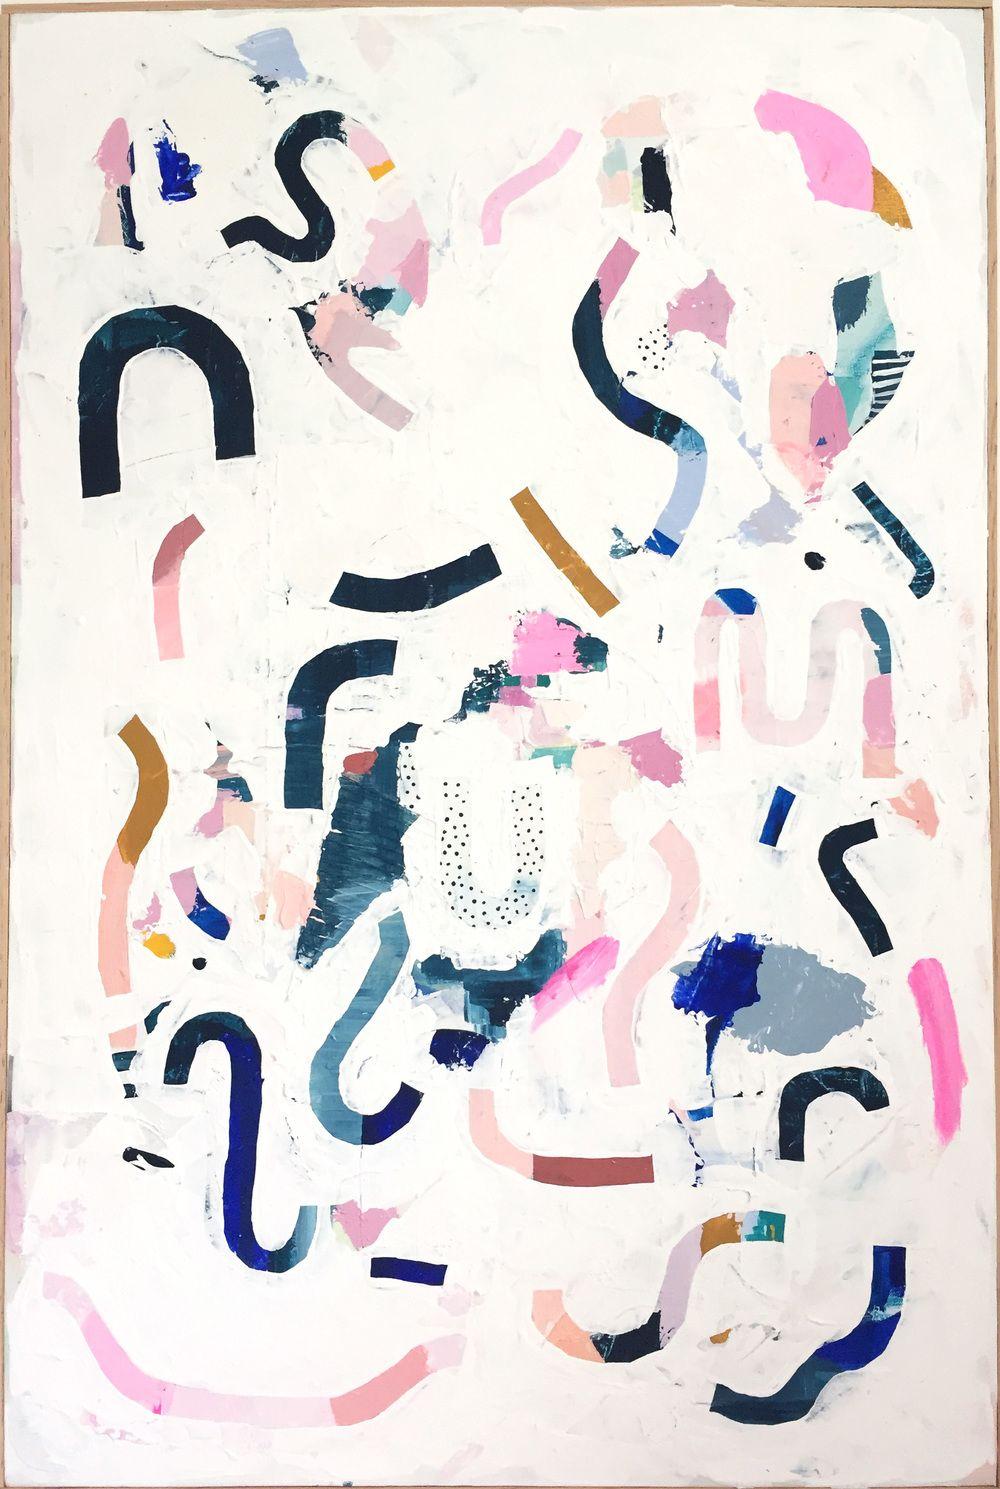 Ashley mary abstract art